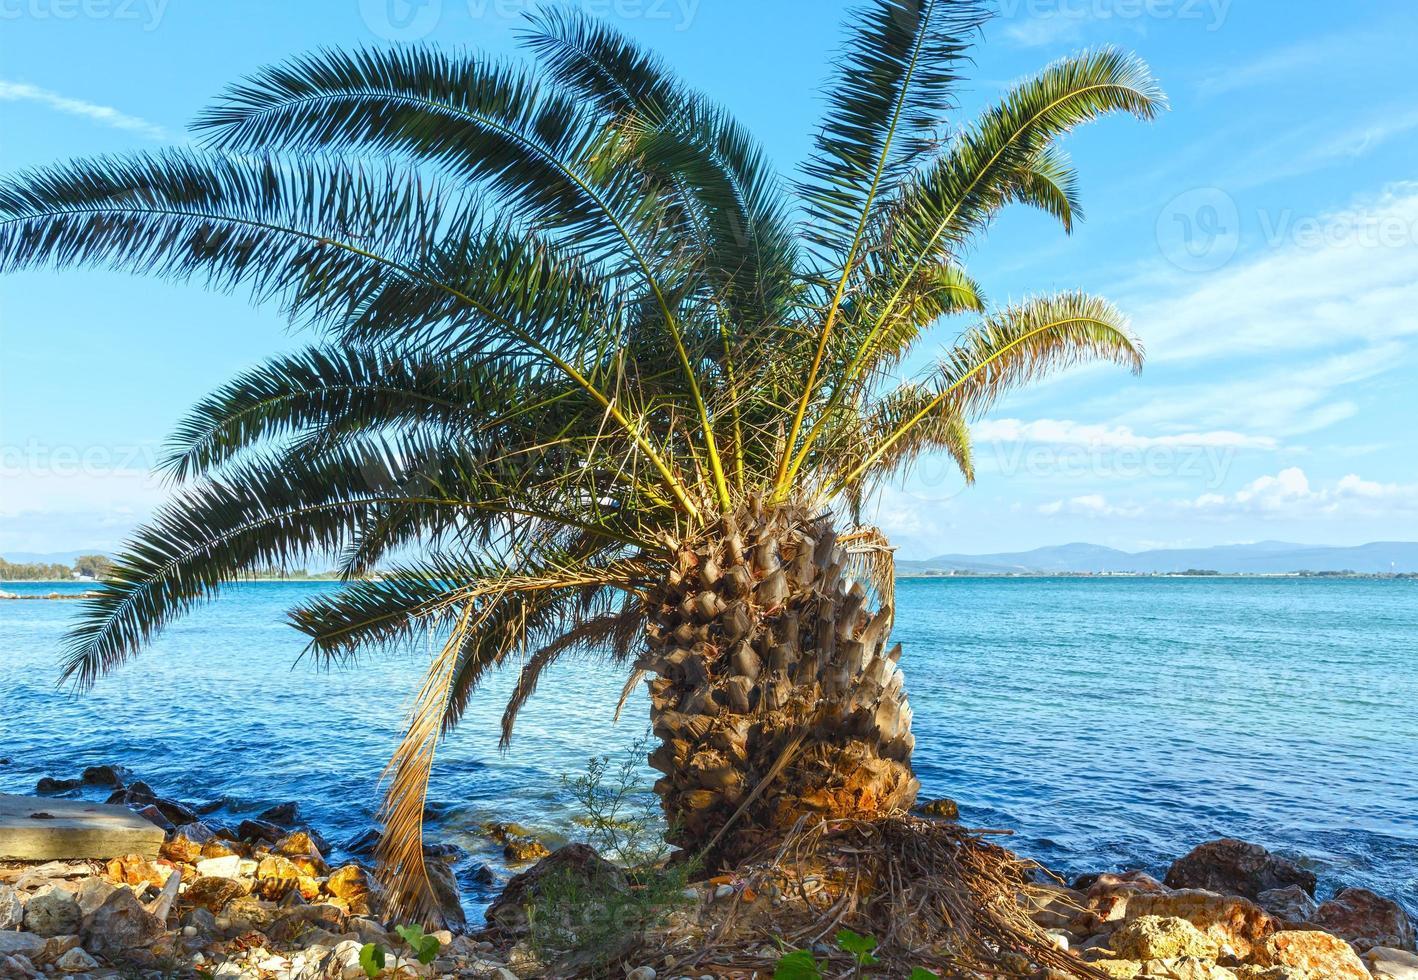 palmeira na praia de verão (grécia) foto